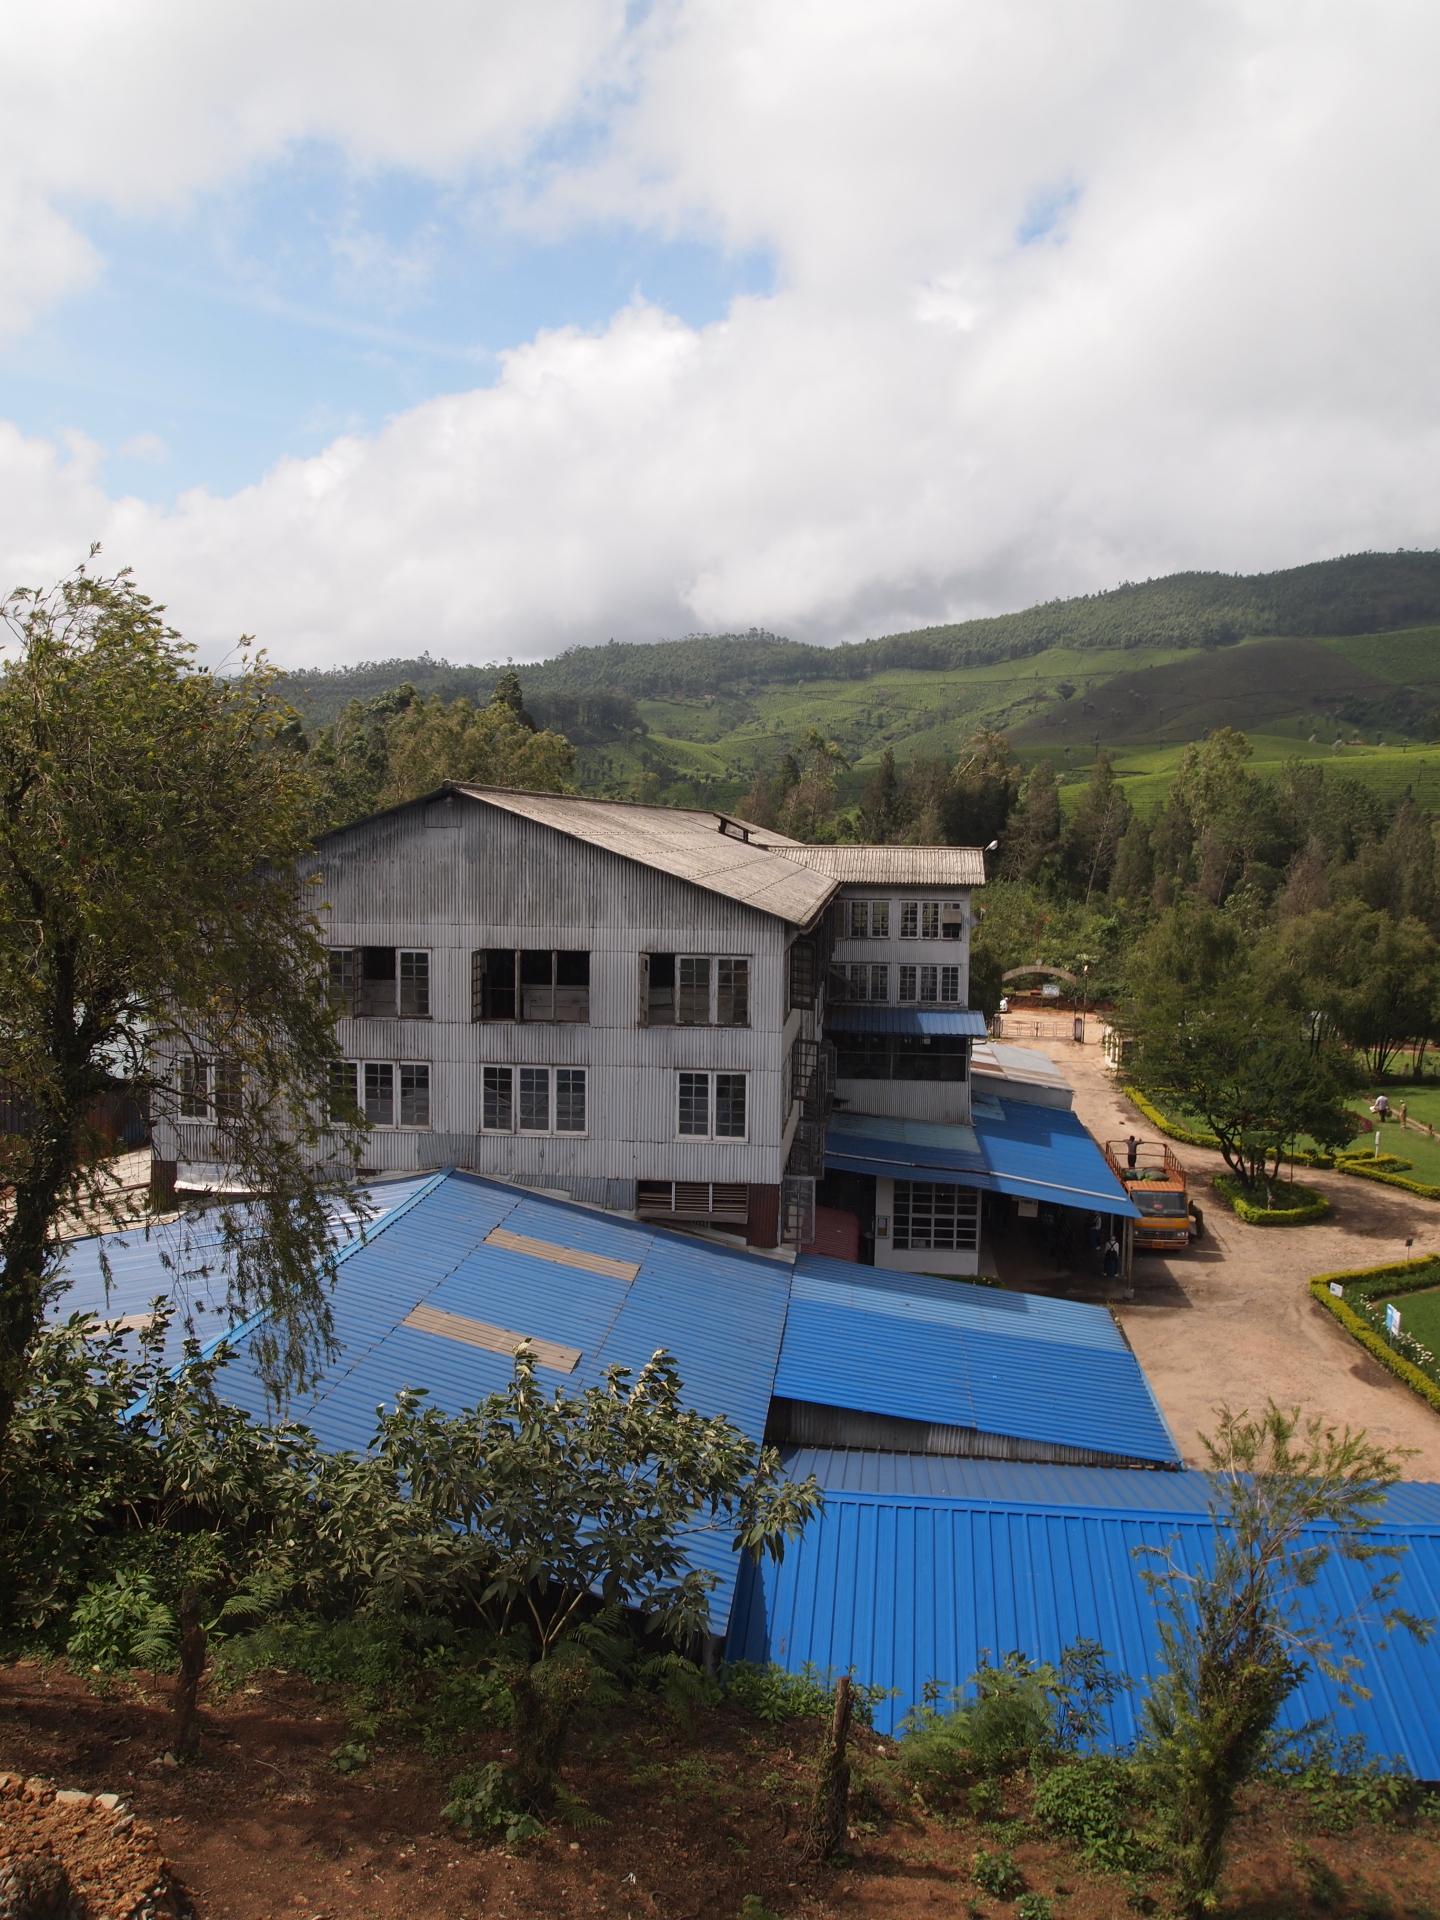 Tea plantations, aficionado, and working conditions